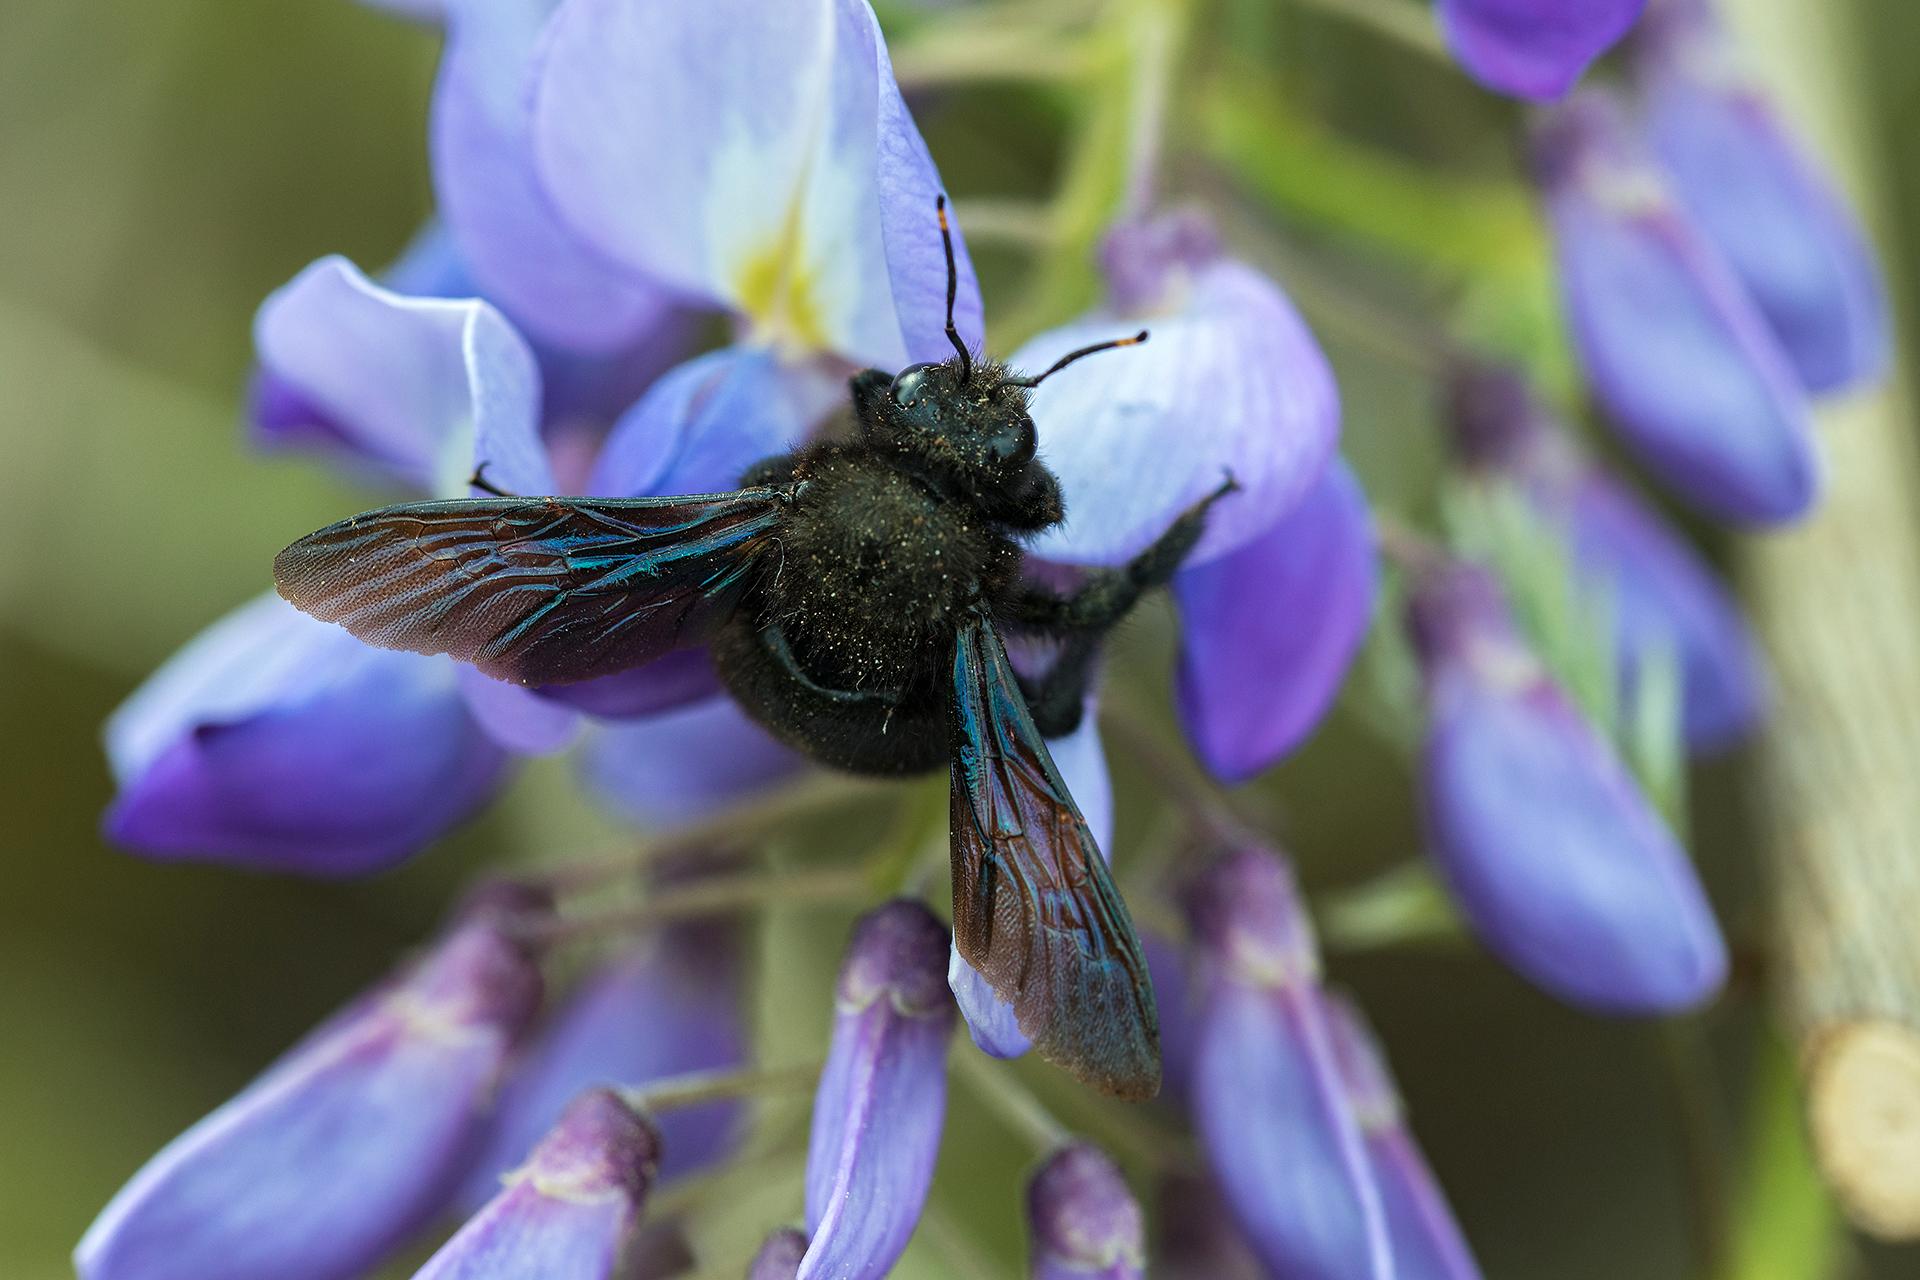 Die Blaue Holzbiene profitiert als eine der wenigen vom Klimawandel ...